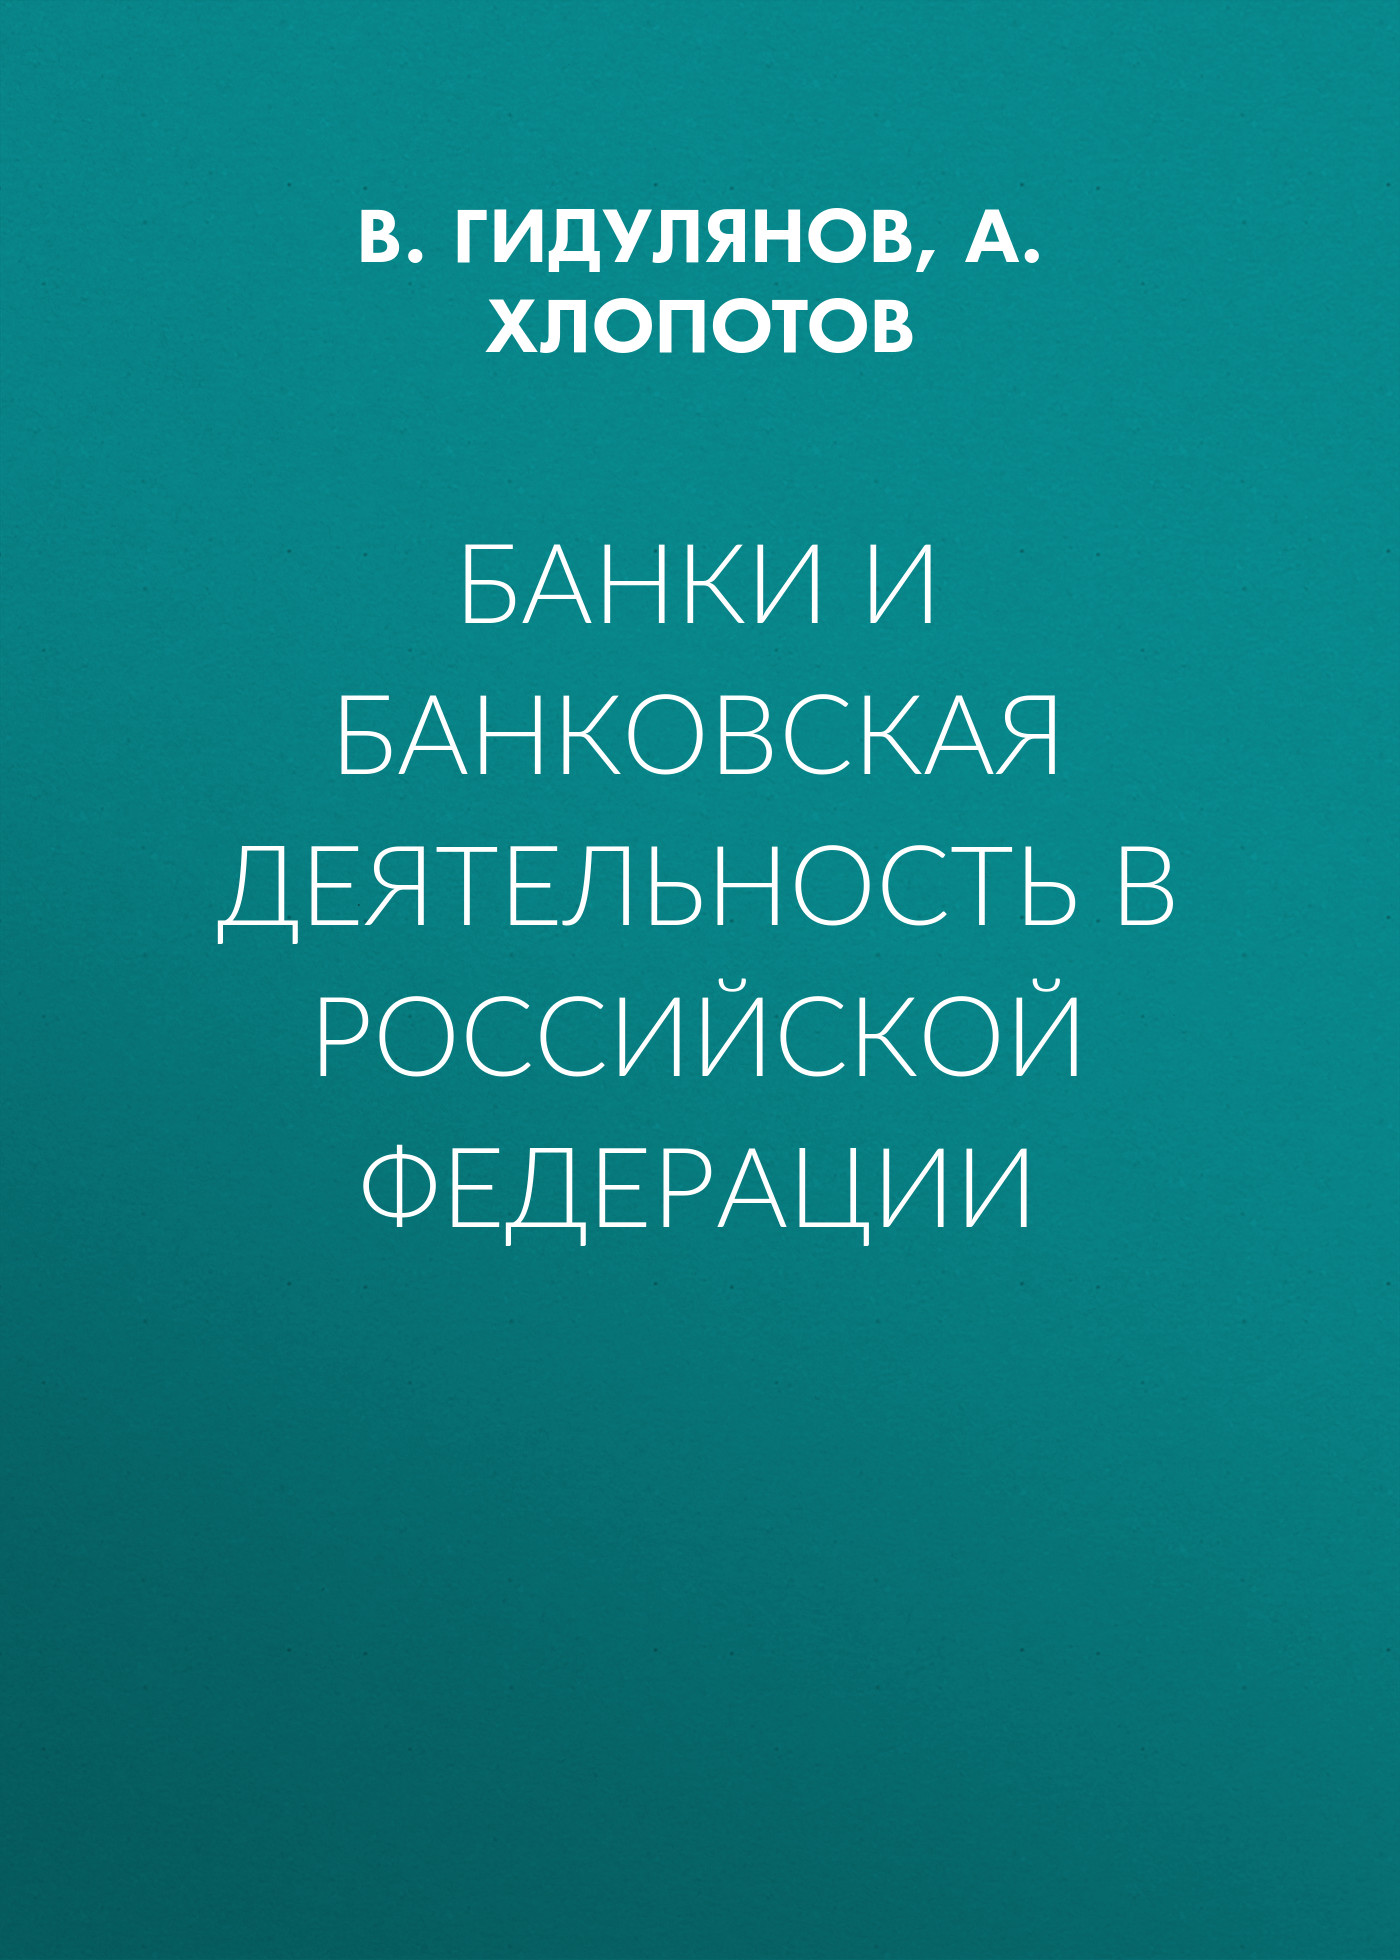 А. Хлопотов Банки и банковская деятельность в Российской Федерации цена и фото